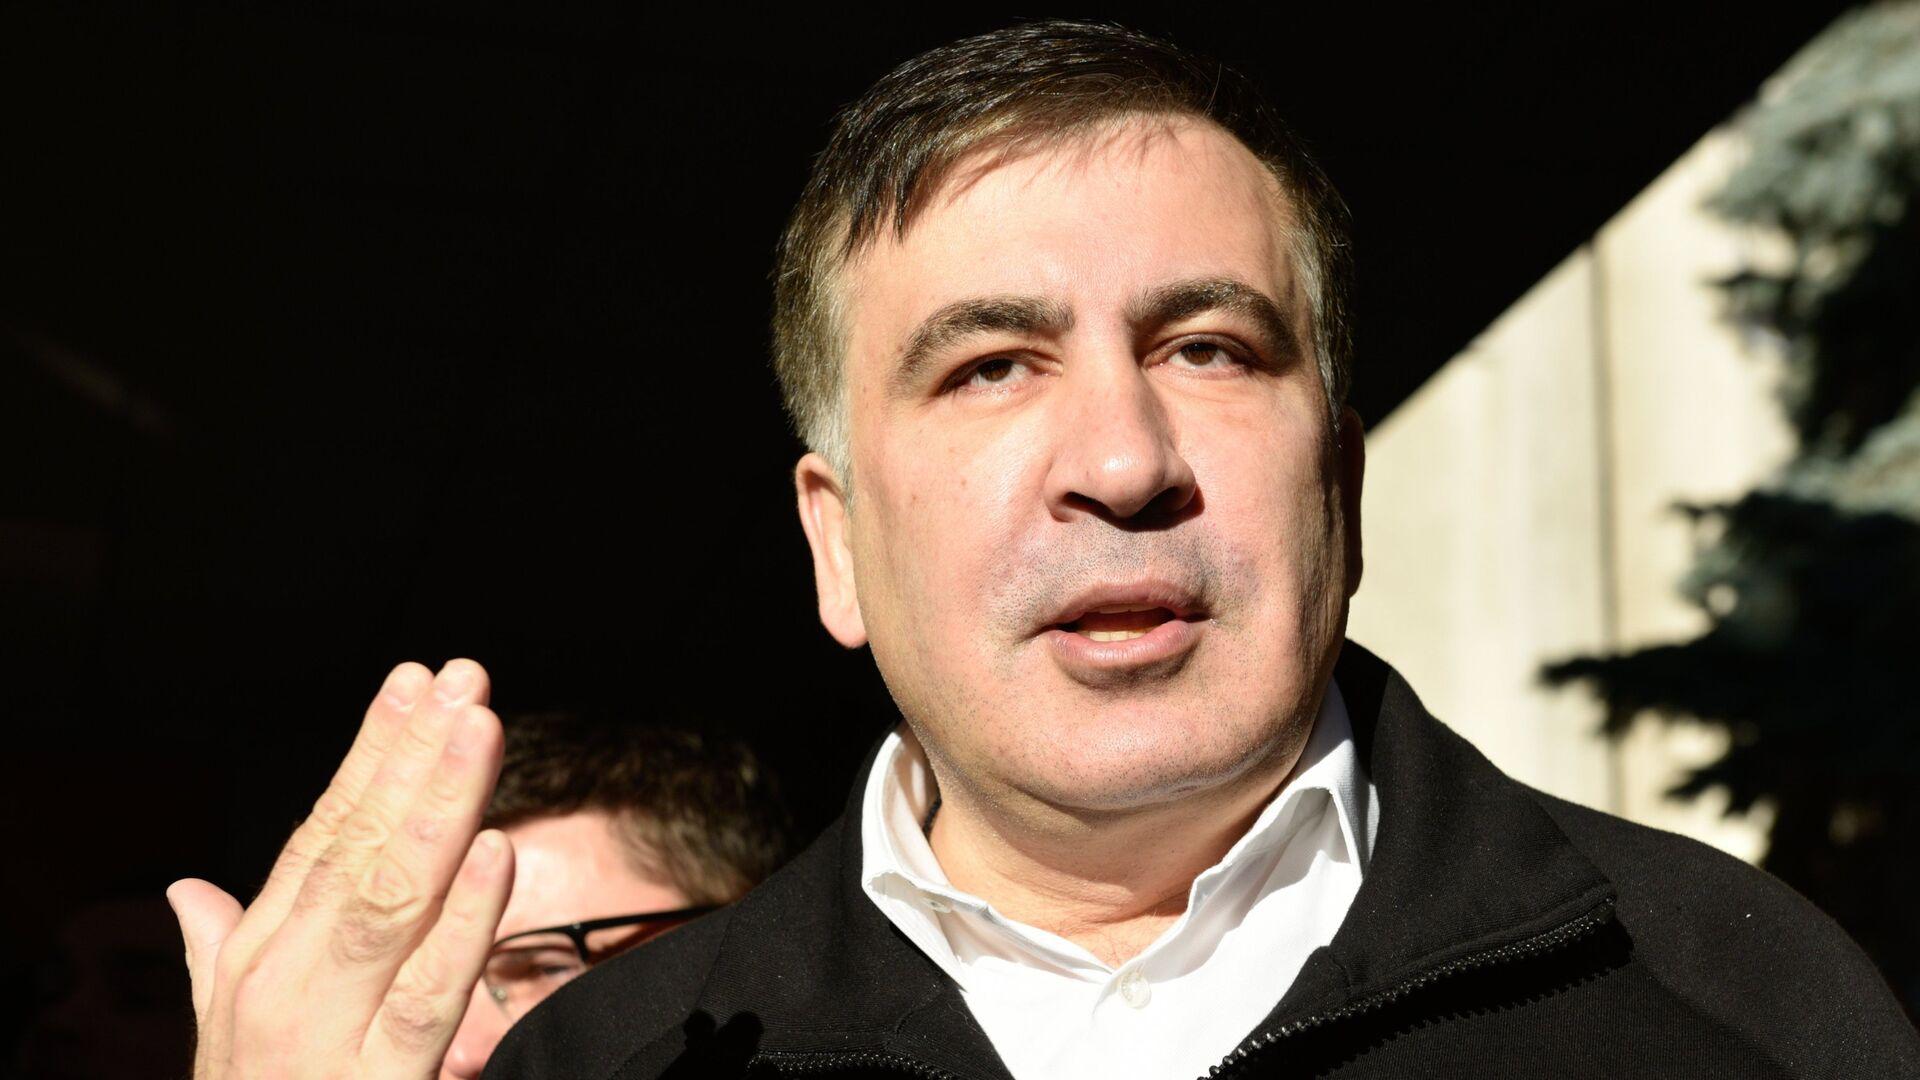 М. Саакашвили намерен требовать в ЕСПЧ компенсацию за действия СБУ - Sputnik Латвия, 1920, 08.09.2021